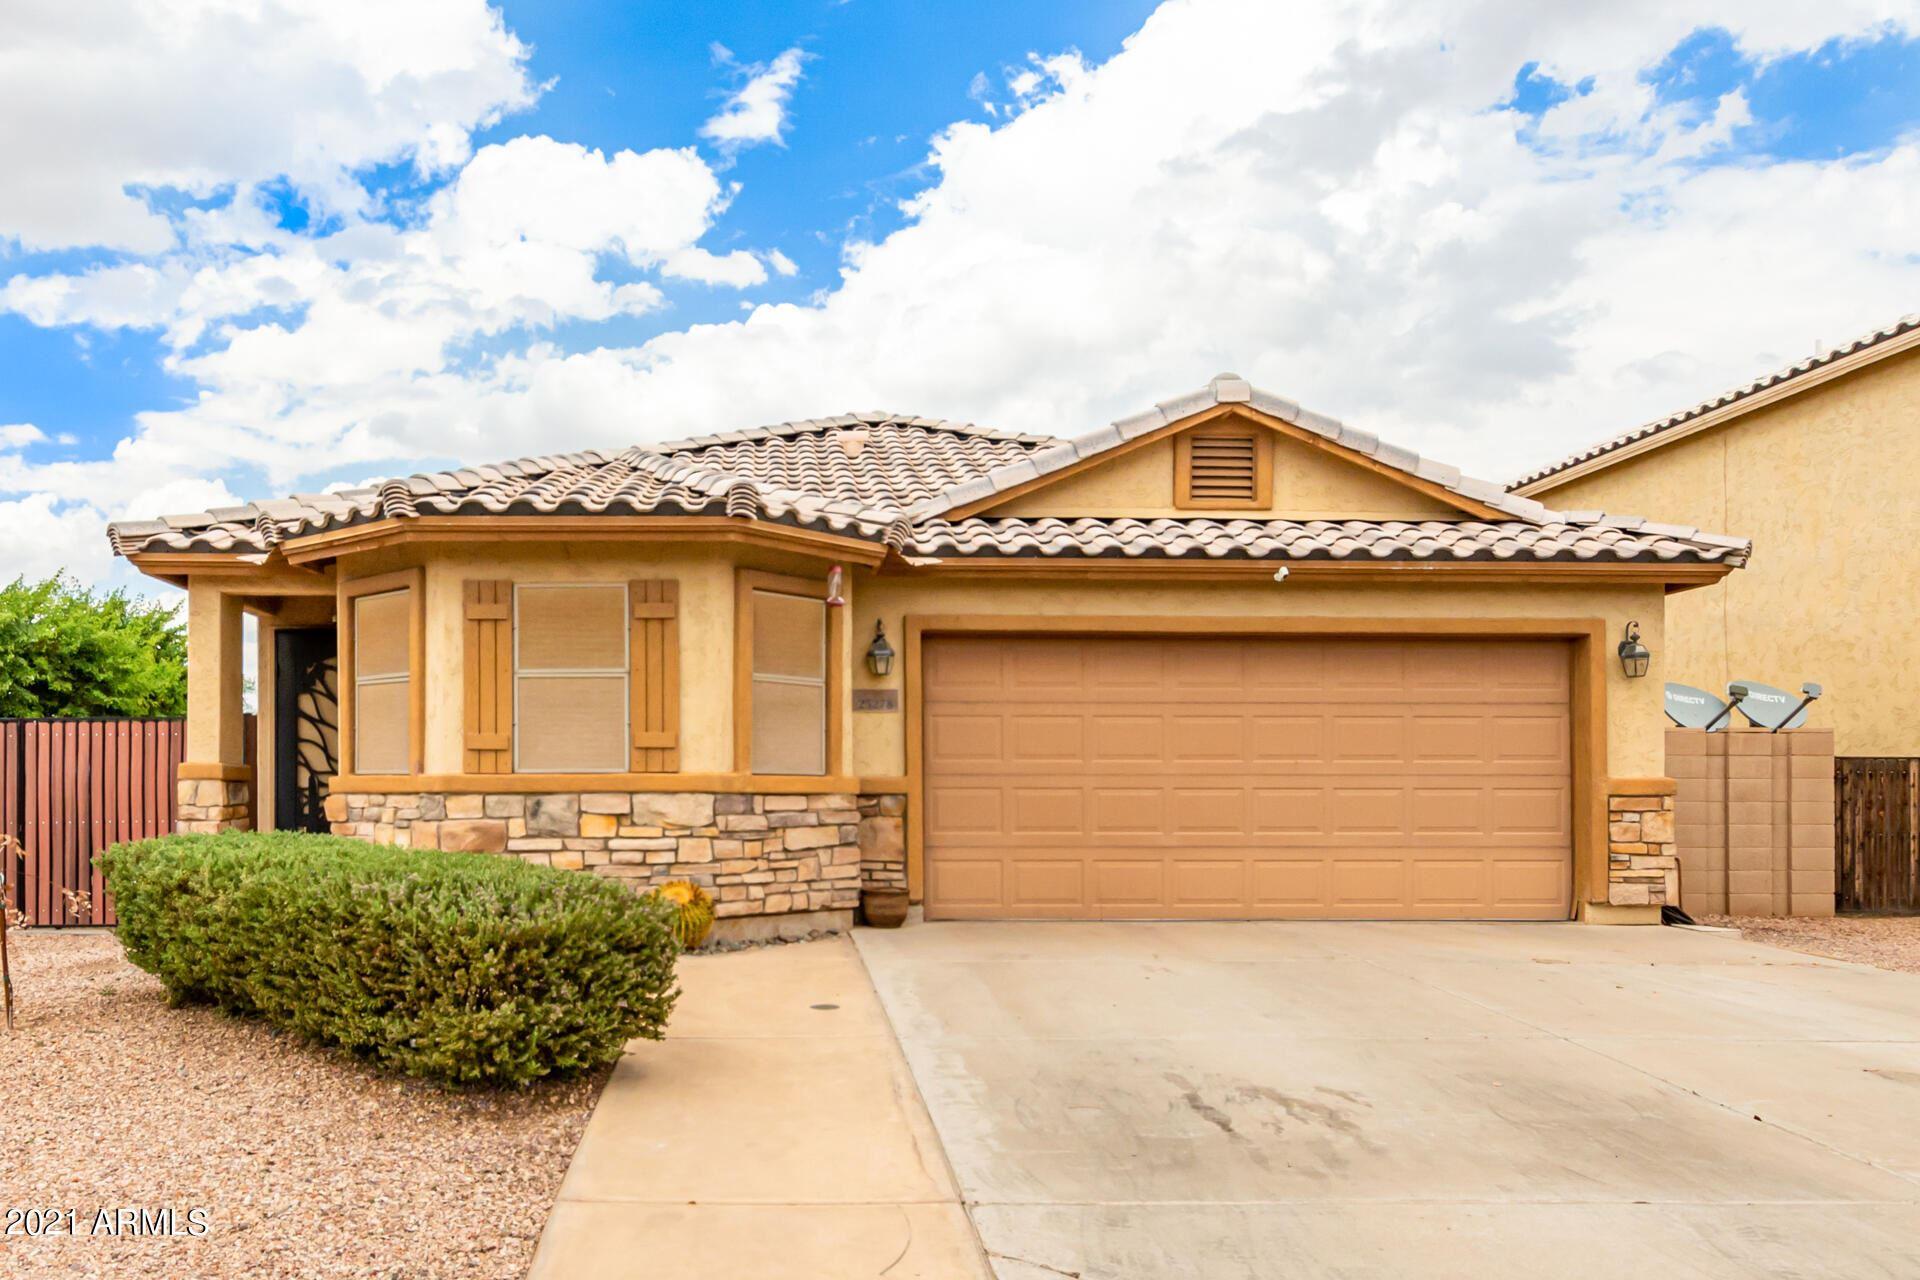 Photo of 25278 W CLANTON Avenue, Buckeye, AZ 85326 (MLS # 6296041)